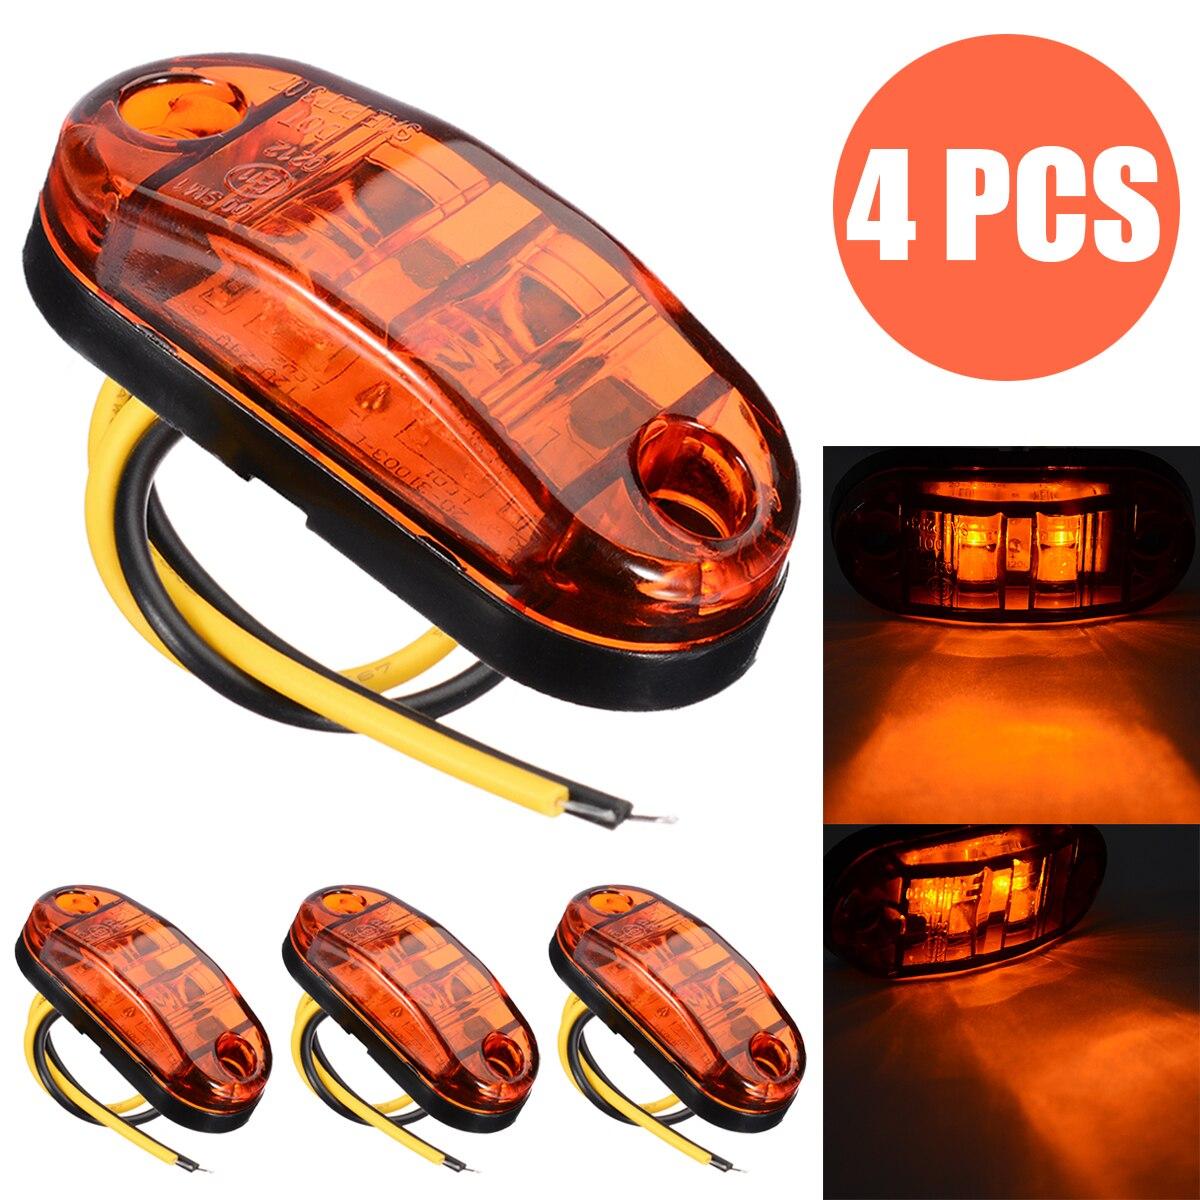 4pcs/set 12V/24V 2LED Amber Side Marker Light For Car Trailer Truck Waterproof Side Marker Indicator Light